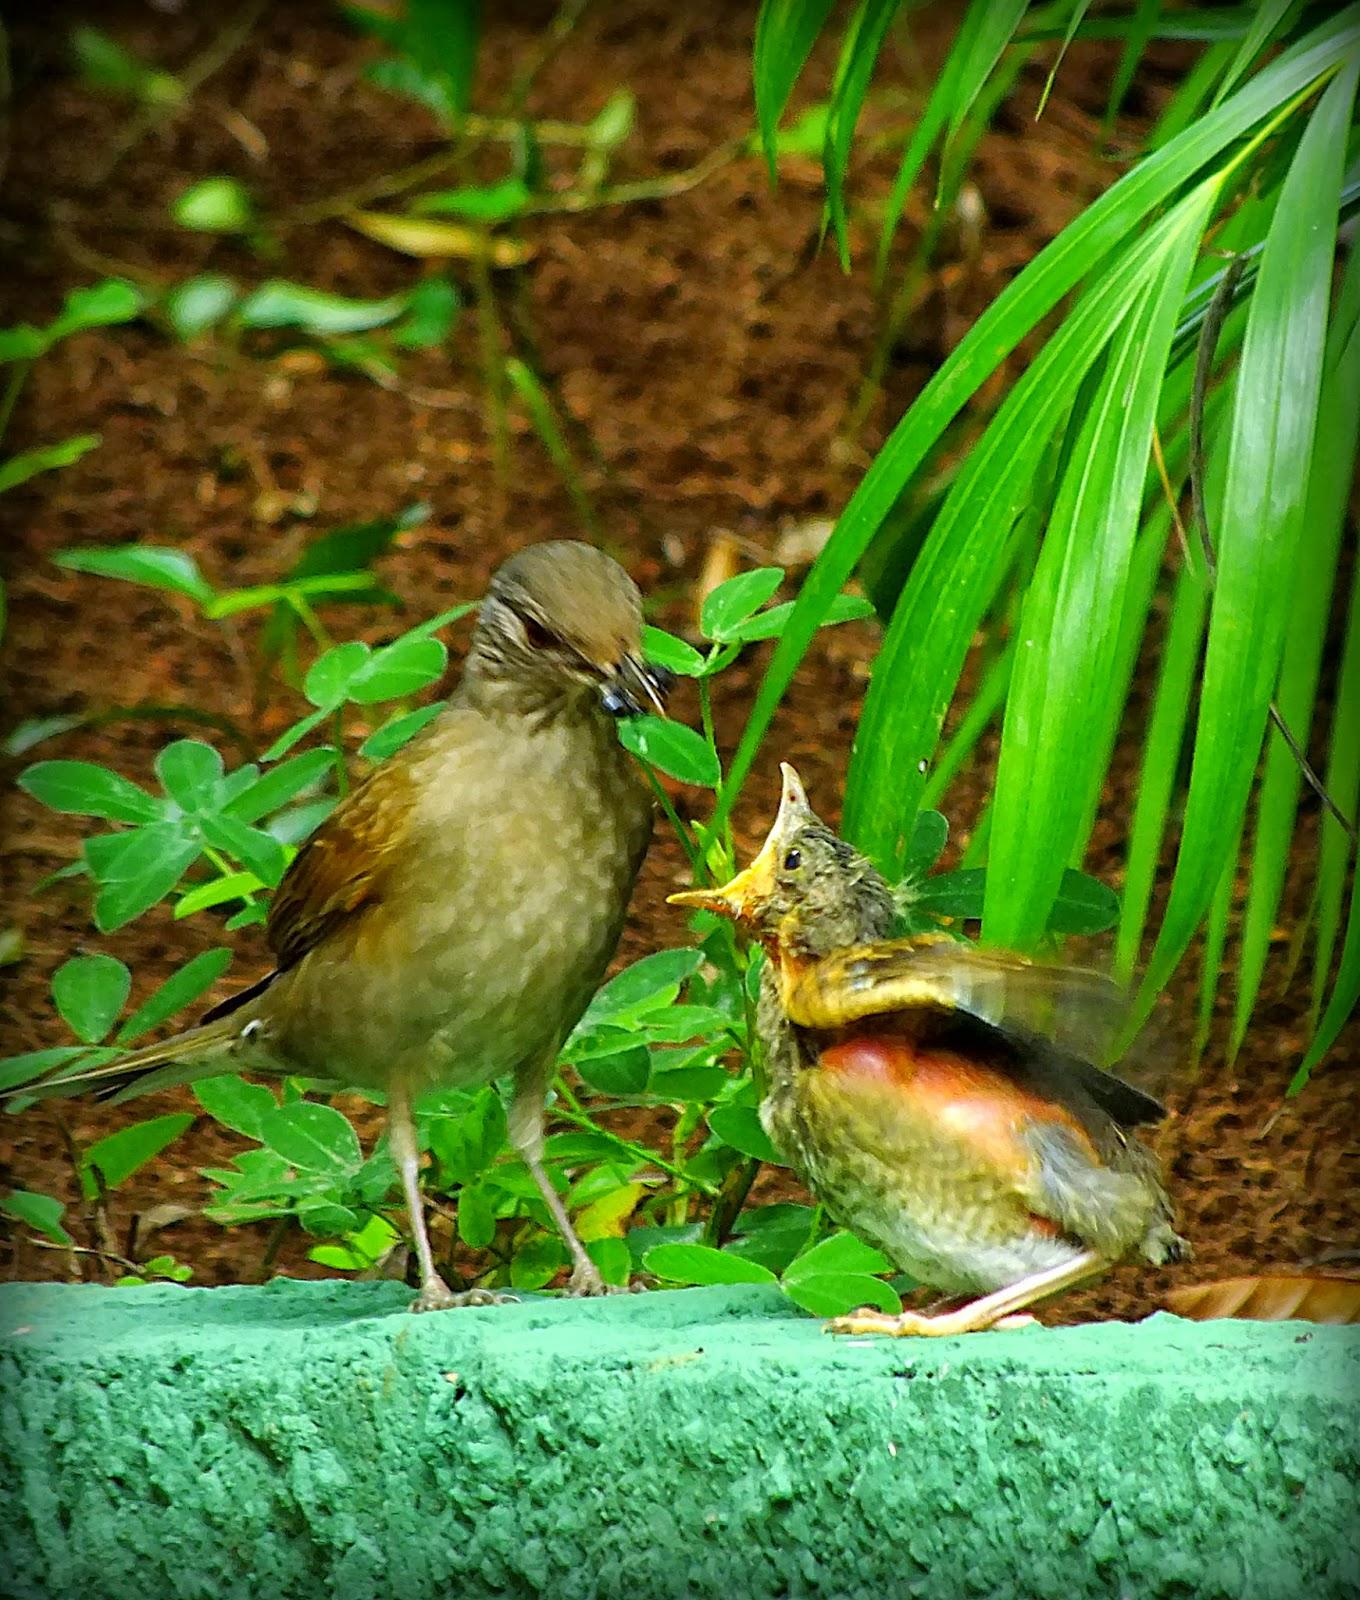 http://aprendendocomasimagens.blogspot.com/2013/10/o-despertar-de-um-sabia.html. Como é bom despertar com o cantarolar de um Sabiá. Como é bom contemplar o o desadormecer e compreender de uma Vida que nos tem a oferecer. Como é bom se encantar com a harmonia da Vida que nos faz sonhar. Sonhar com a humilde maneira de se aprender. Como é bom poder perceber e brindar com a essência de momentos de sentimentos que nos faz Viver...